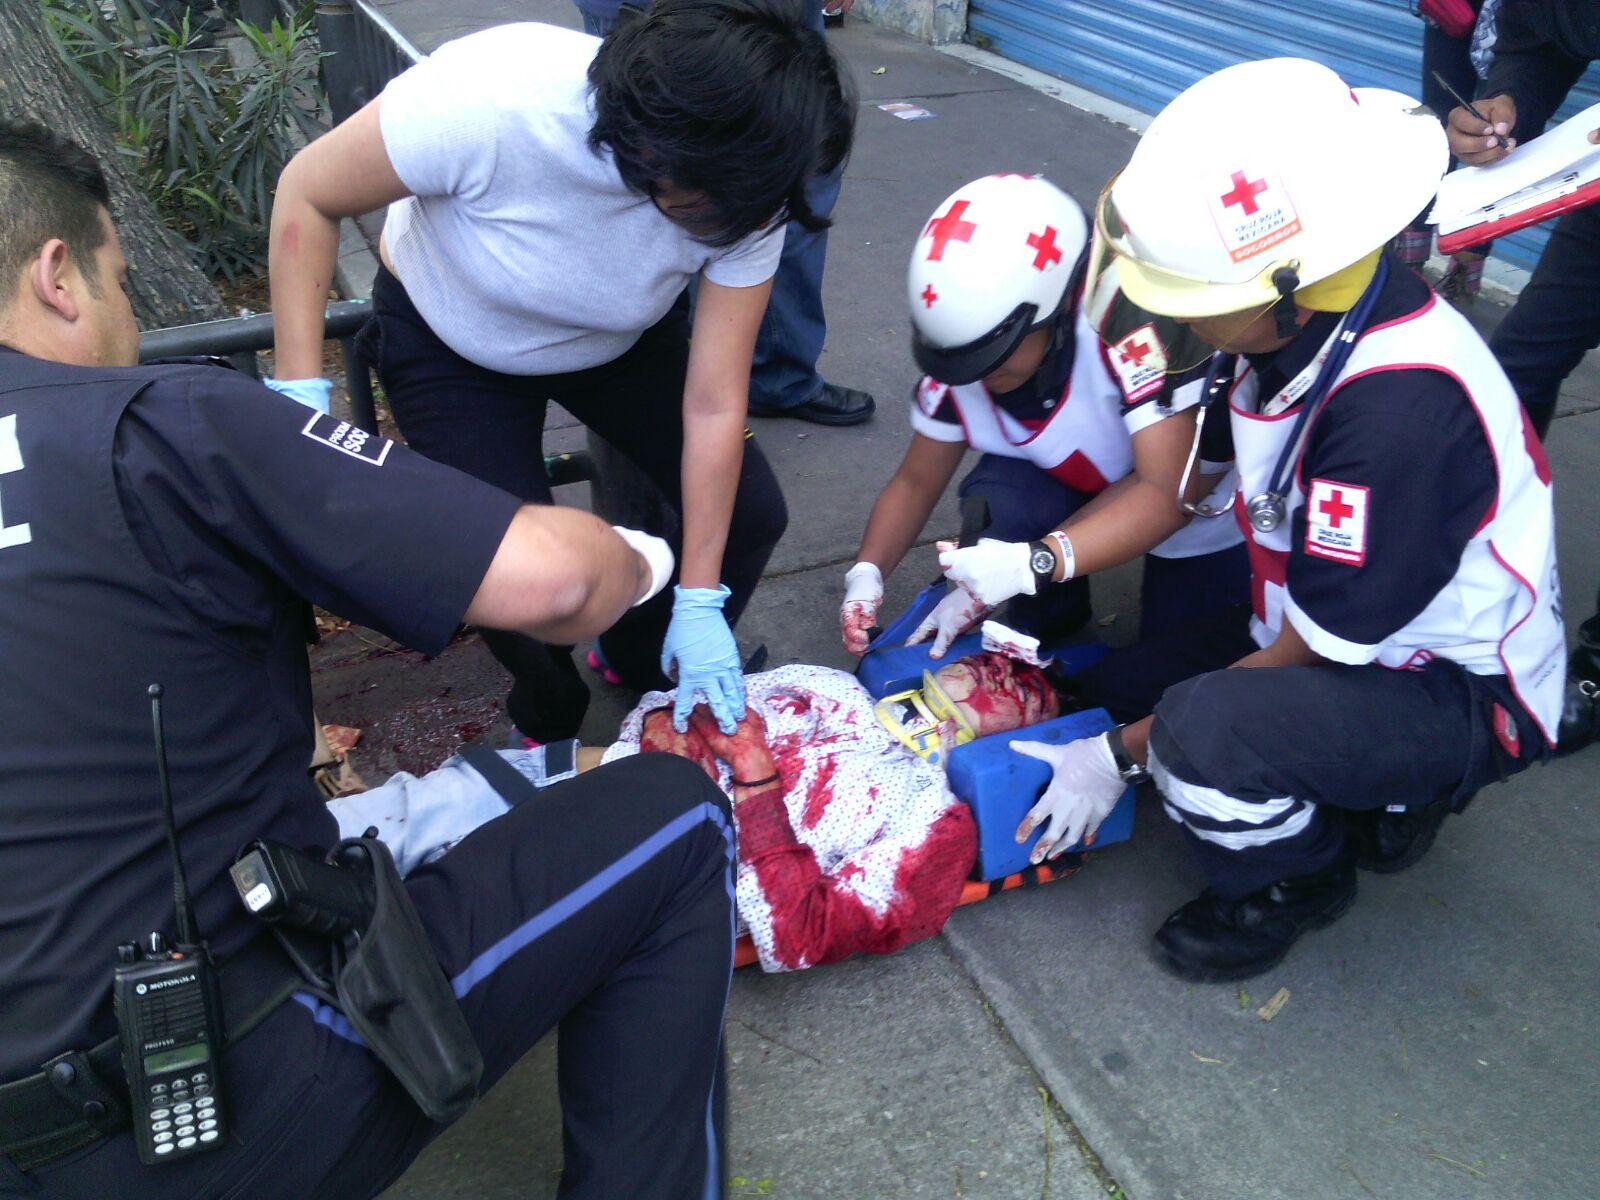 Se le atravesó un carro y casi se mata motociclista